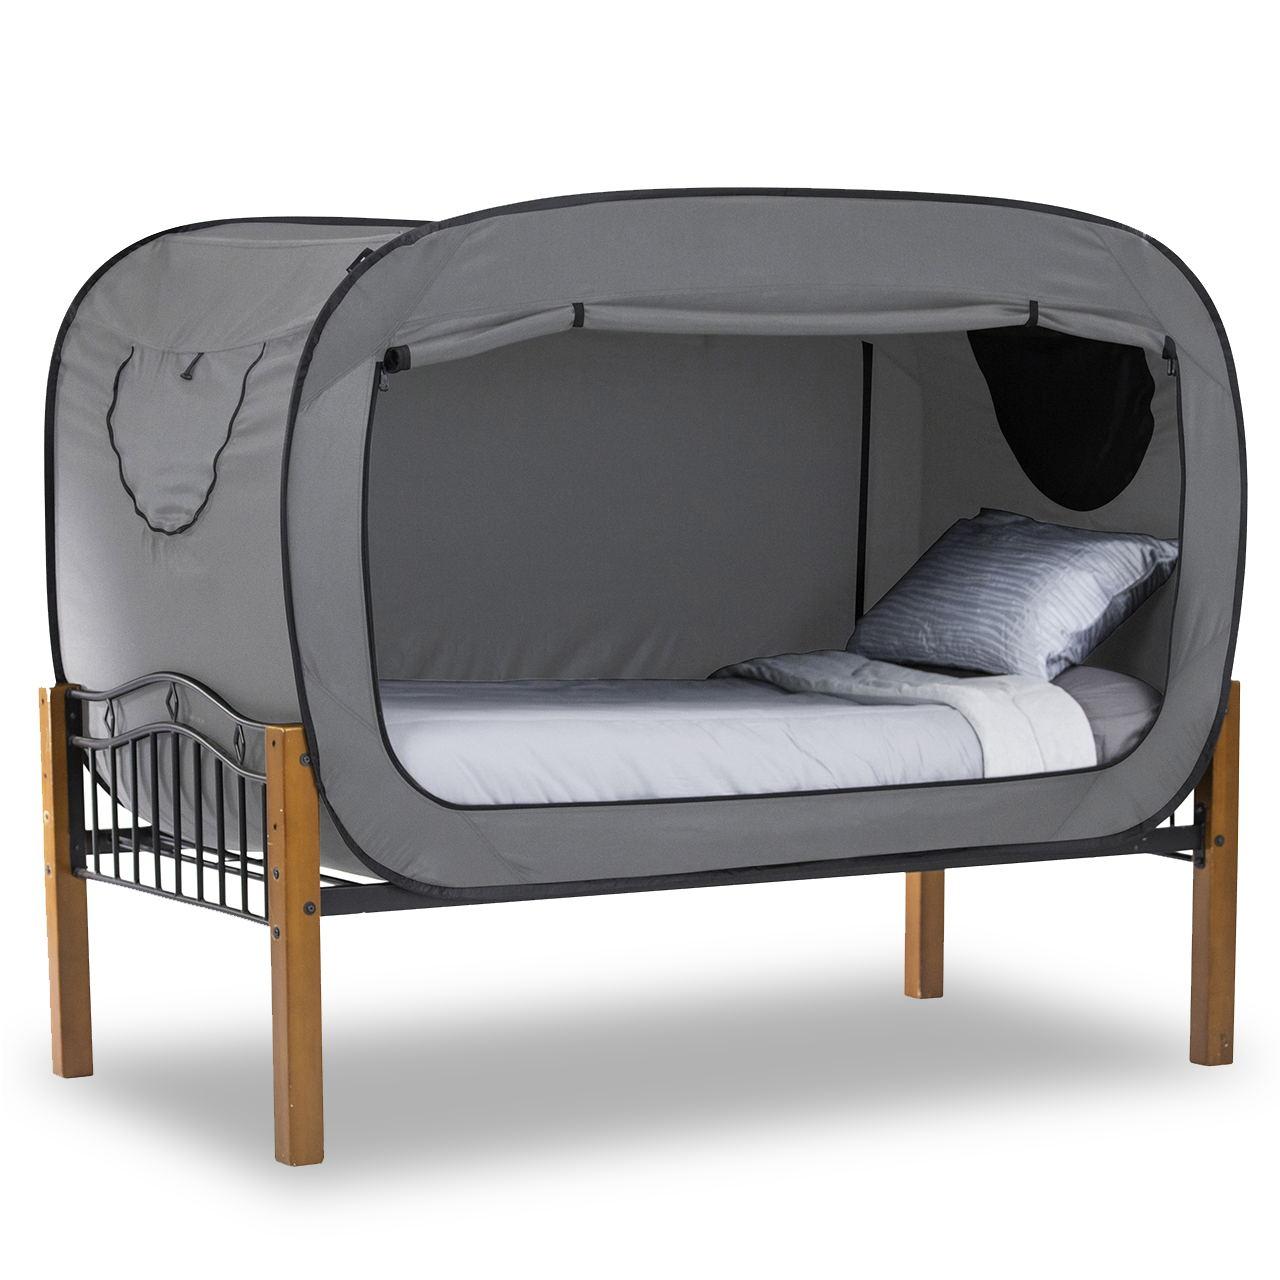 2019 nouvelle Pliable quatre saisons rapide ouvert tentes de camping dortoir vie privée lit ventilation superposés isolation tente tente de plage